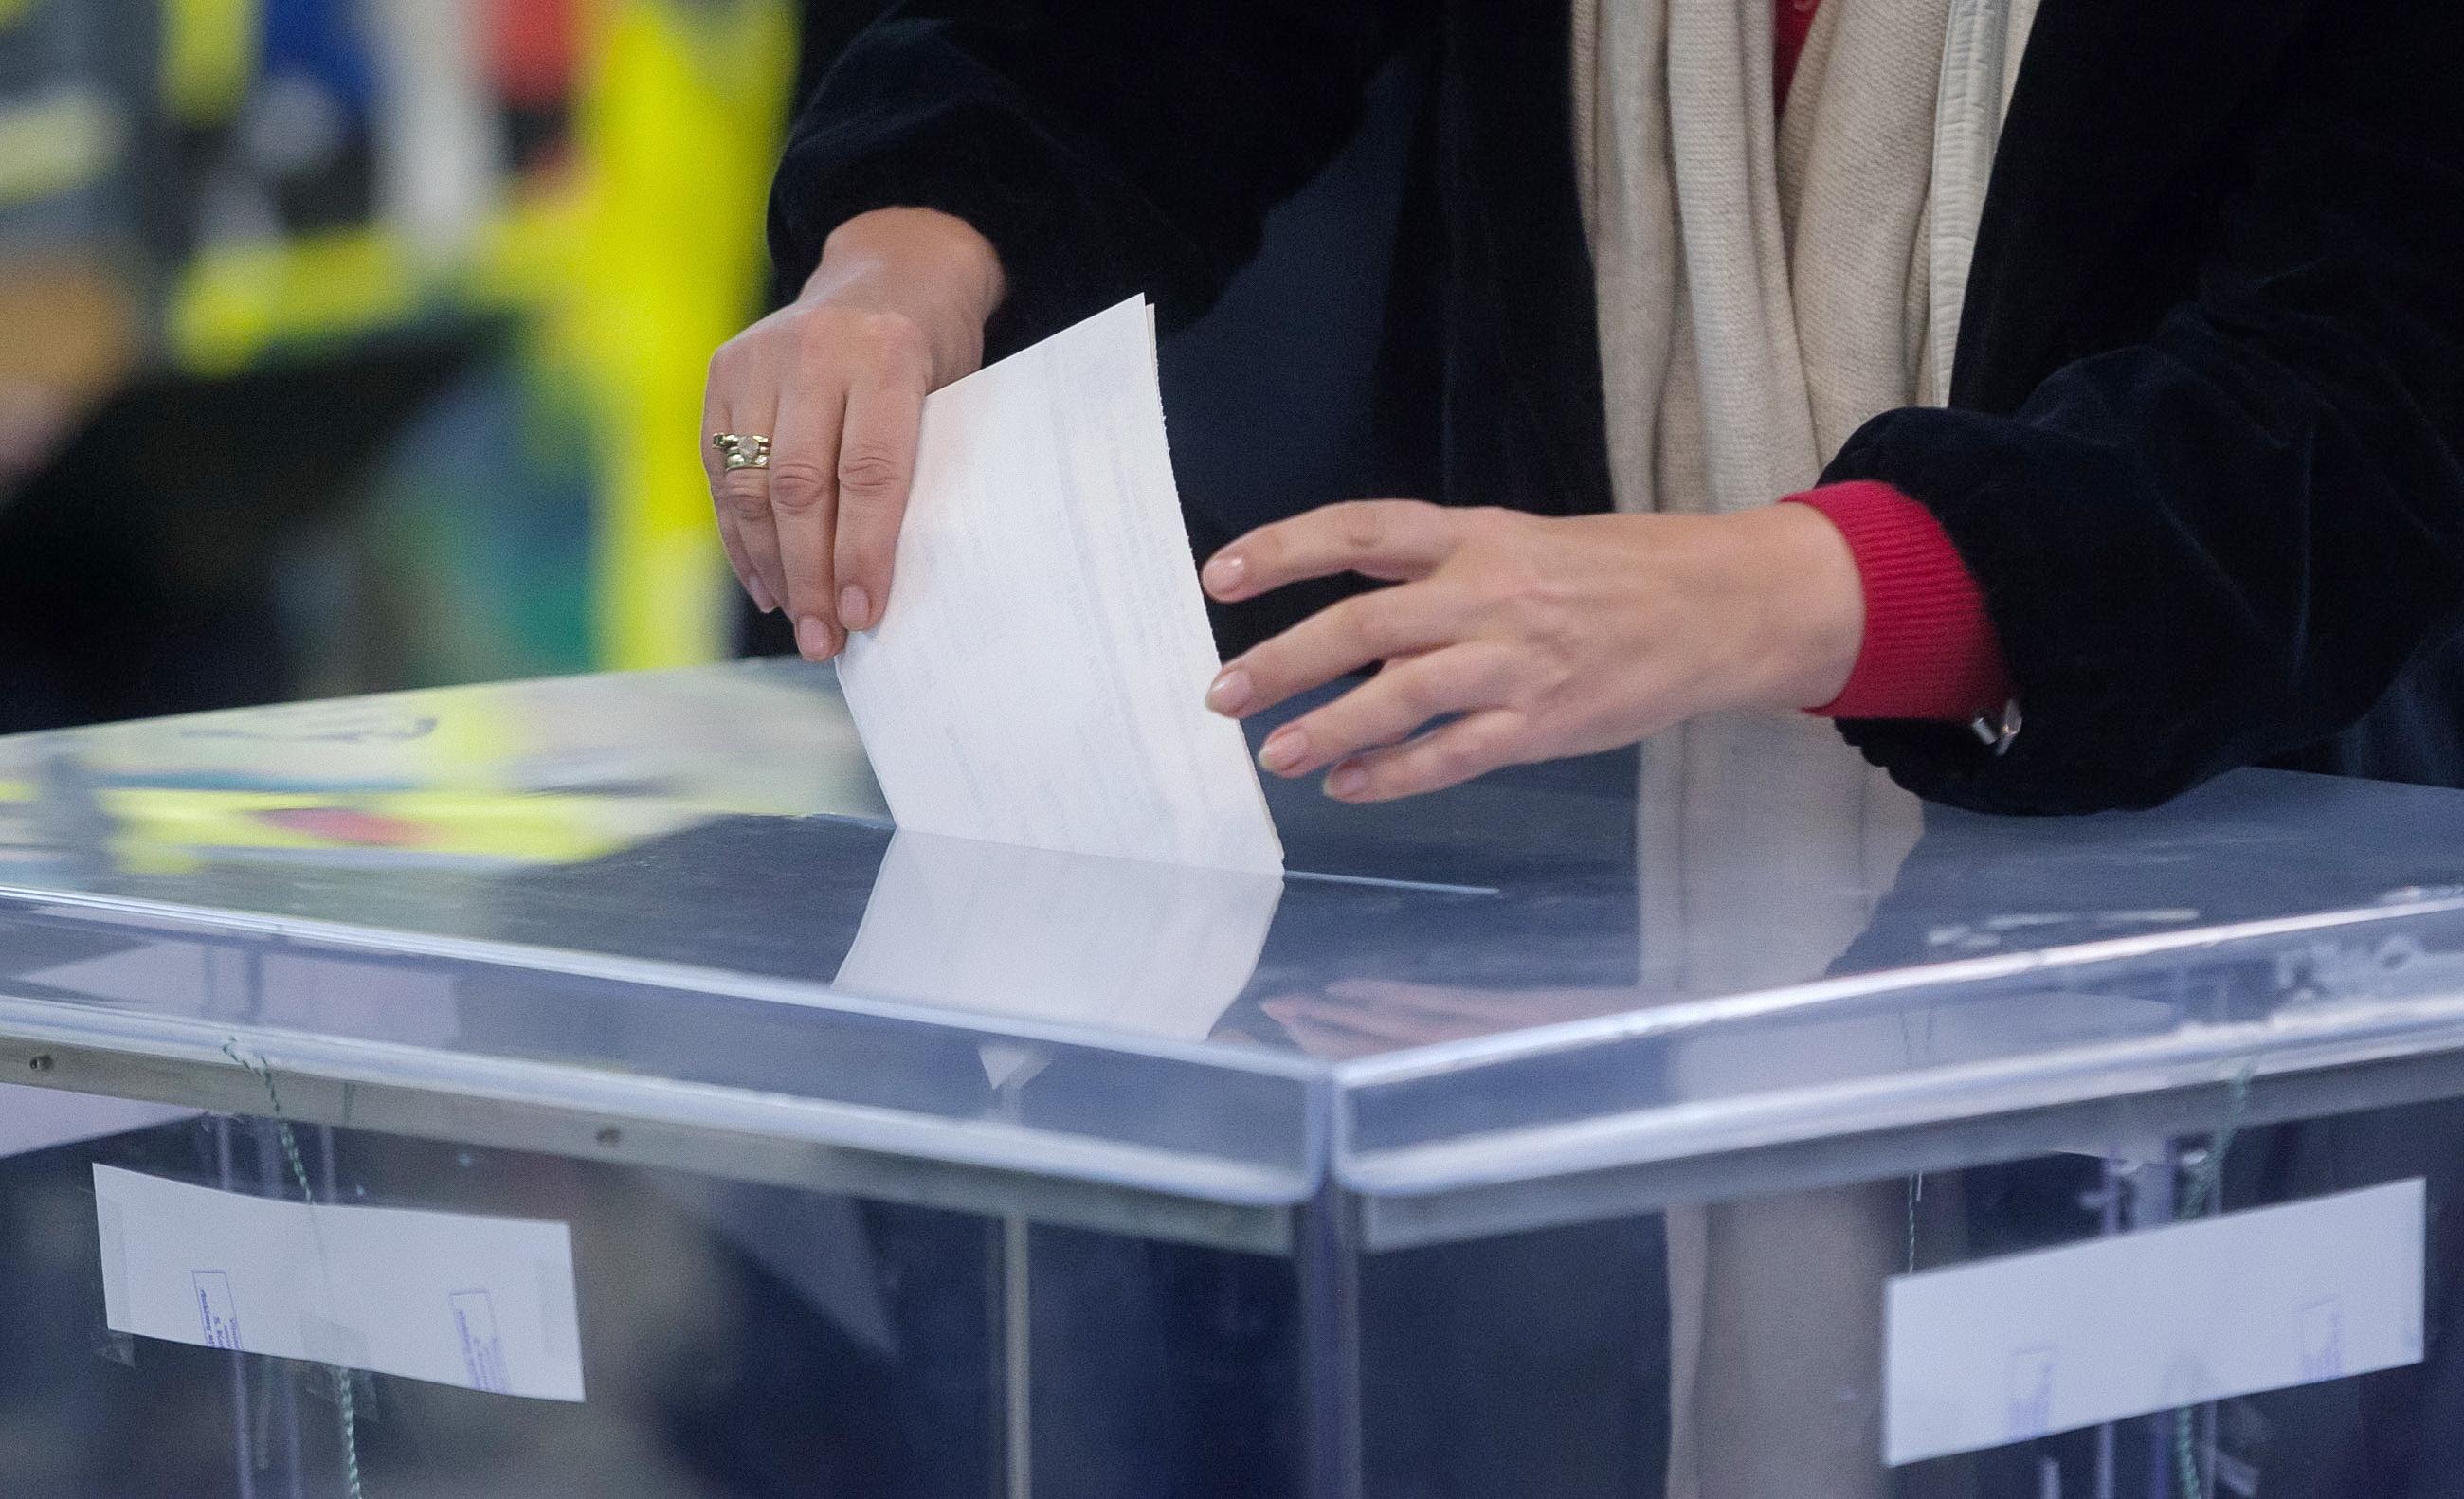 balsavo